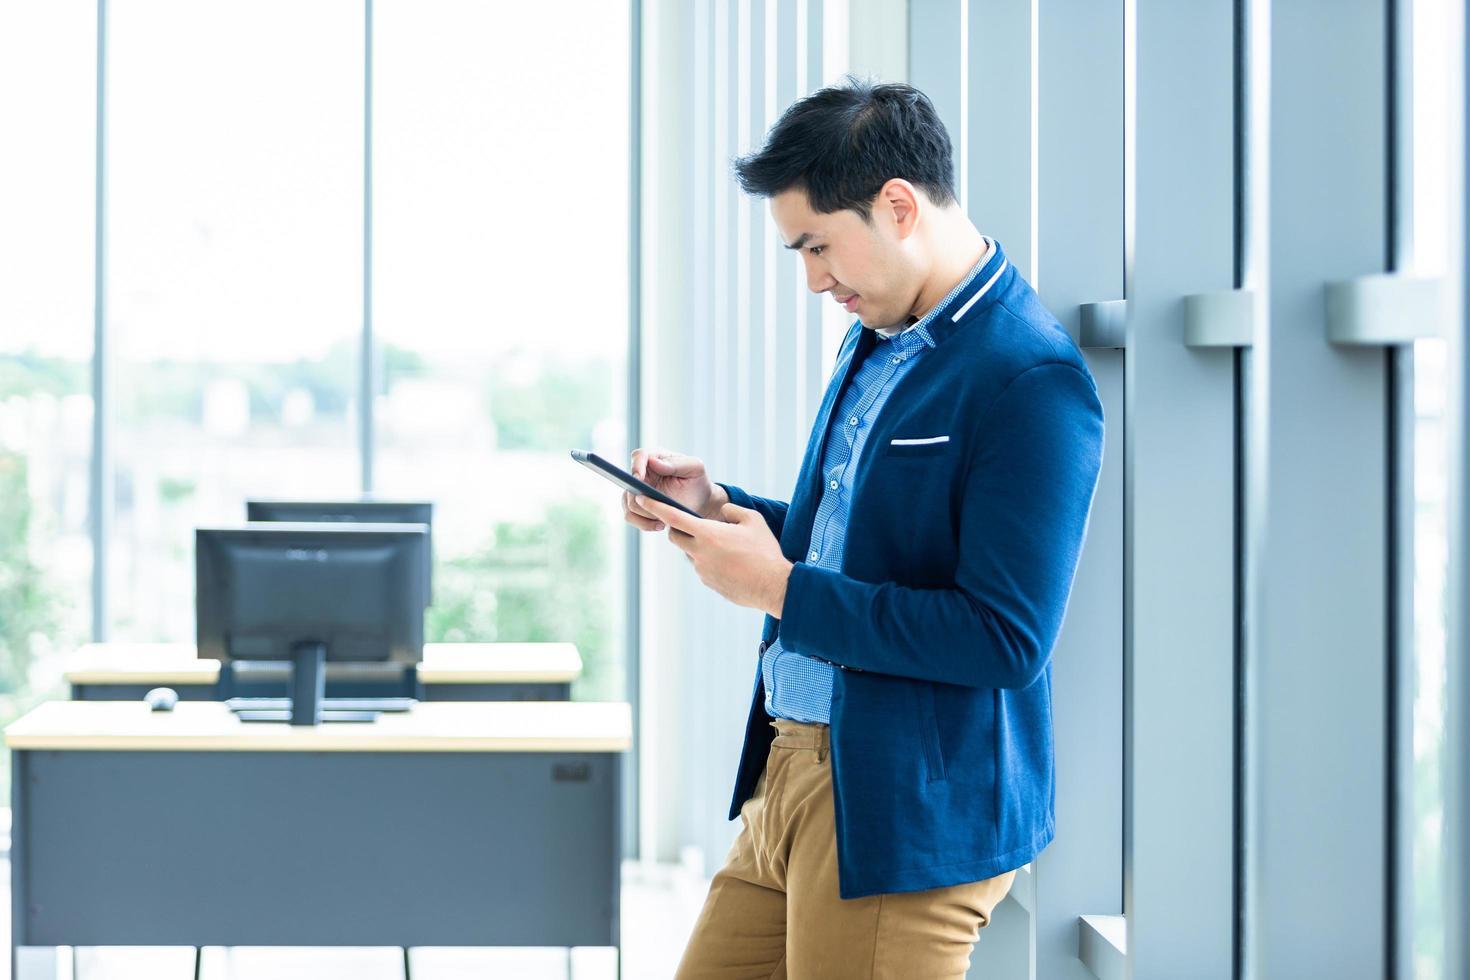 Jeune entrepreneur asiatique utilisant une tablette mobile au travail photo